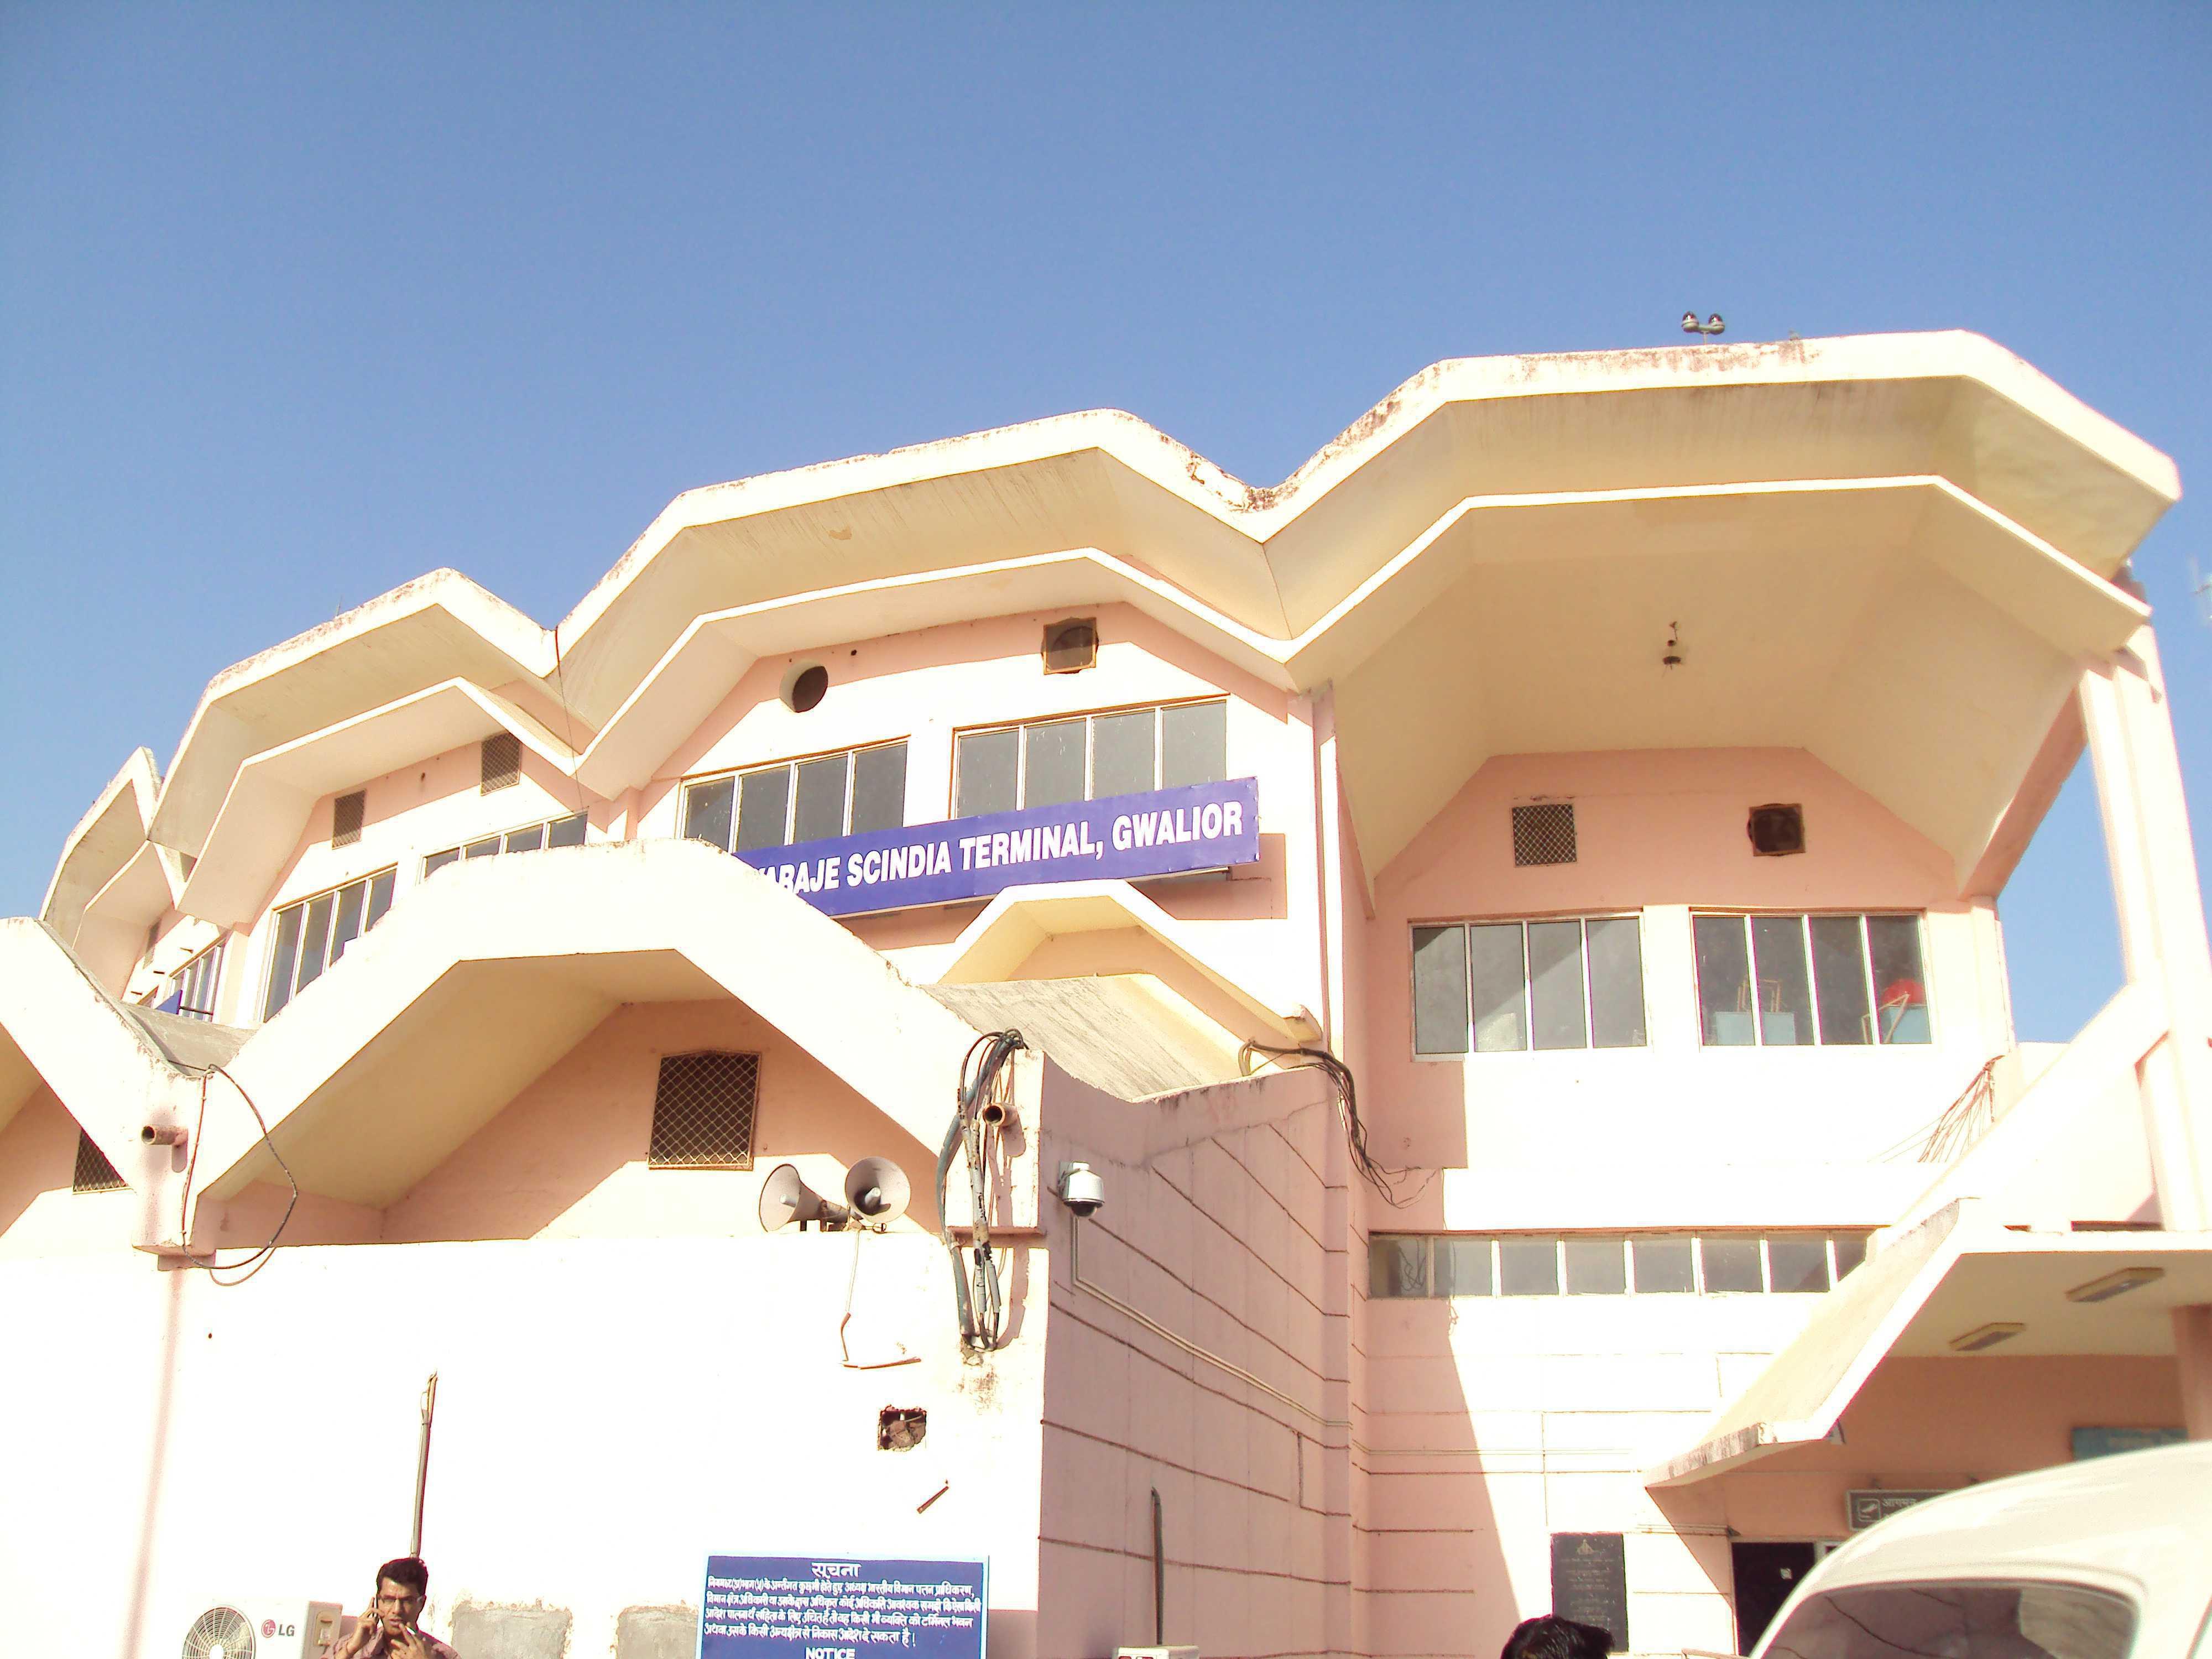 Gwalior Airport, India (GWL) Gwalior Image